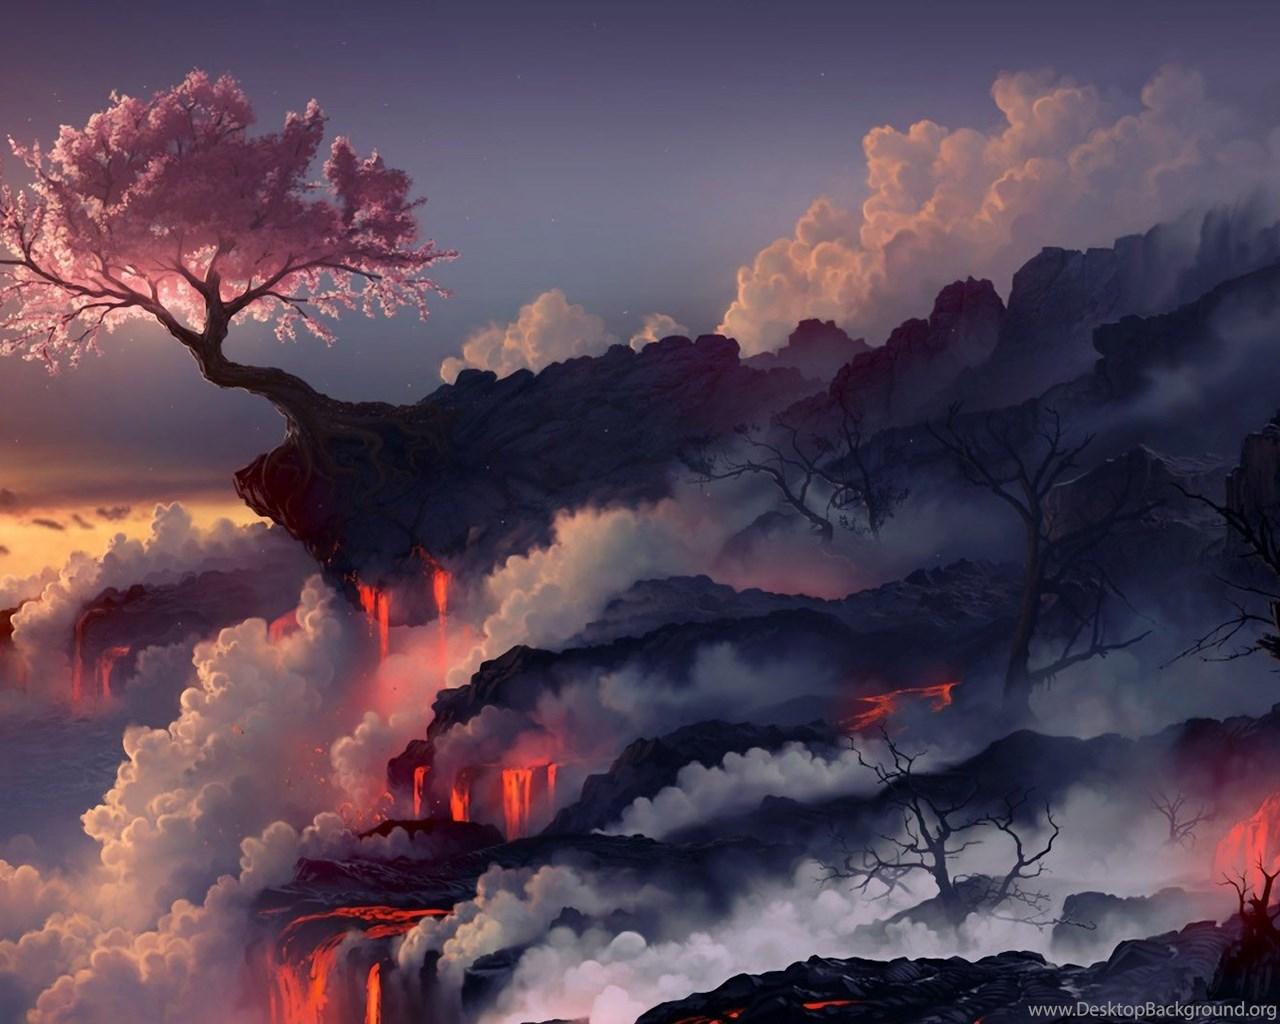 Volcano Wallpapers, Free Desktop Backgrounds Wallpapers